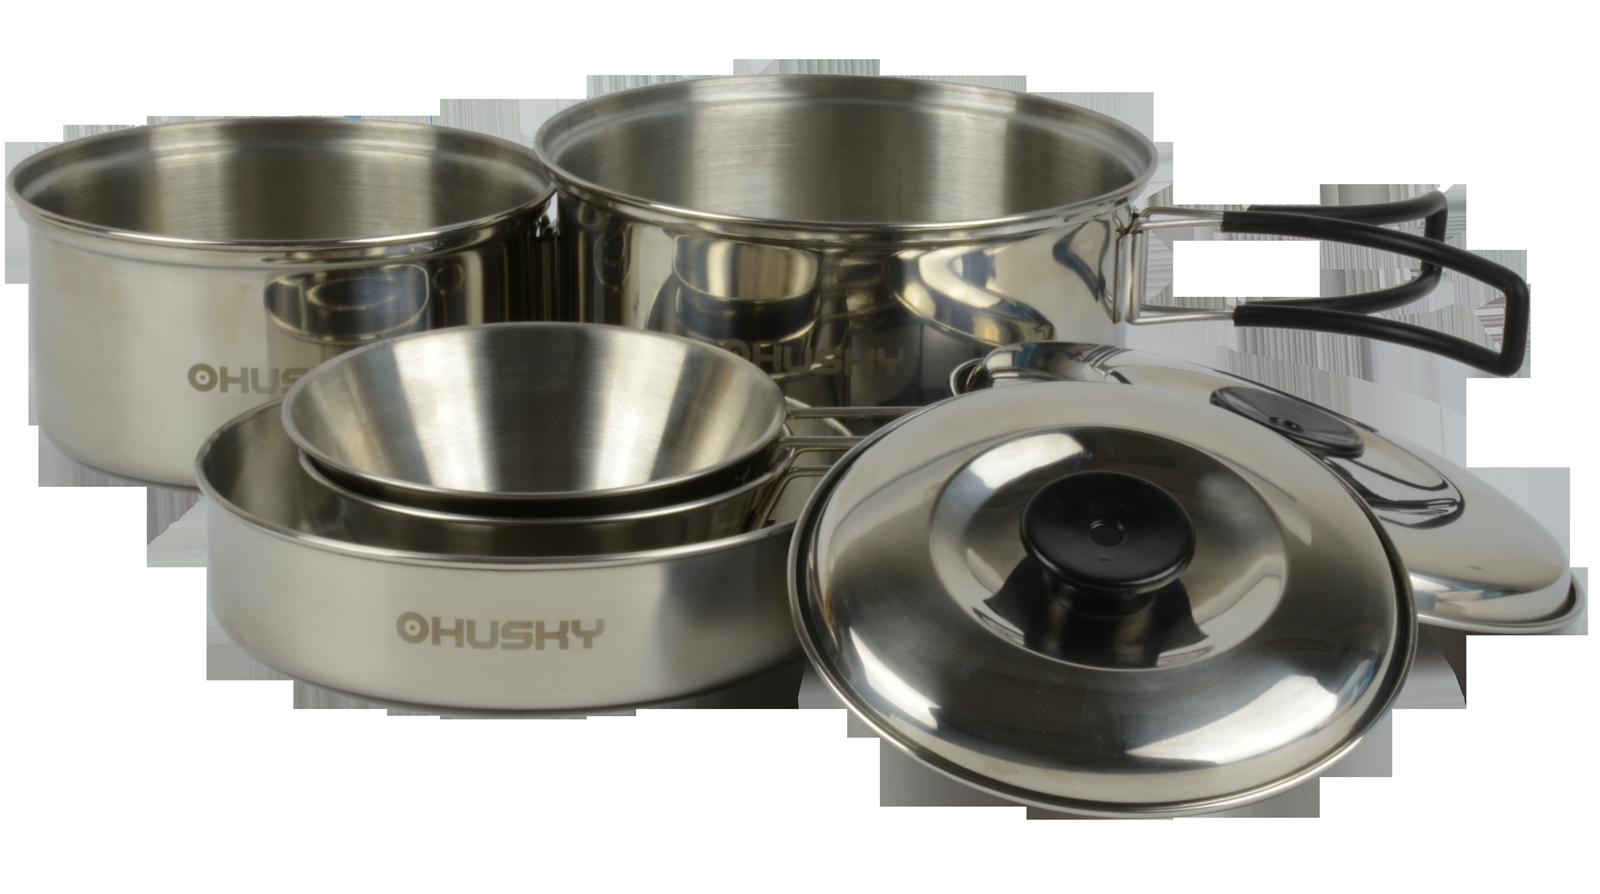 Univerzální set nádobí   Tenet viz obrázek